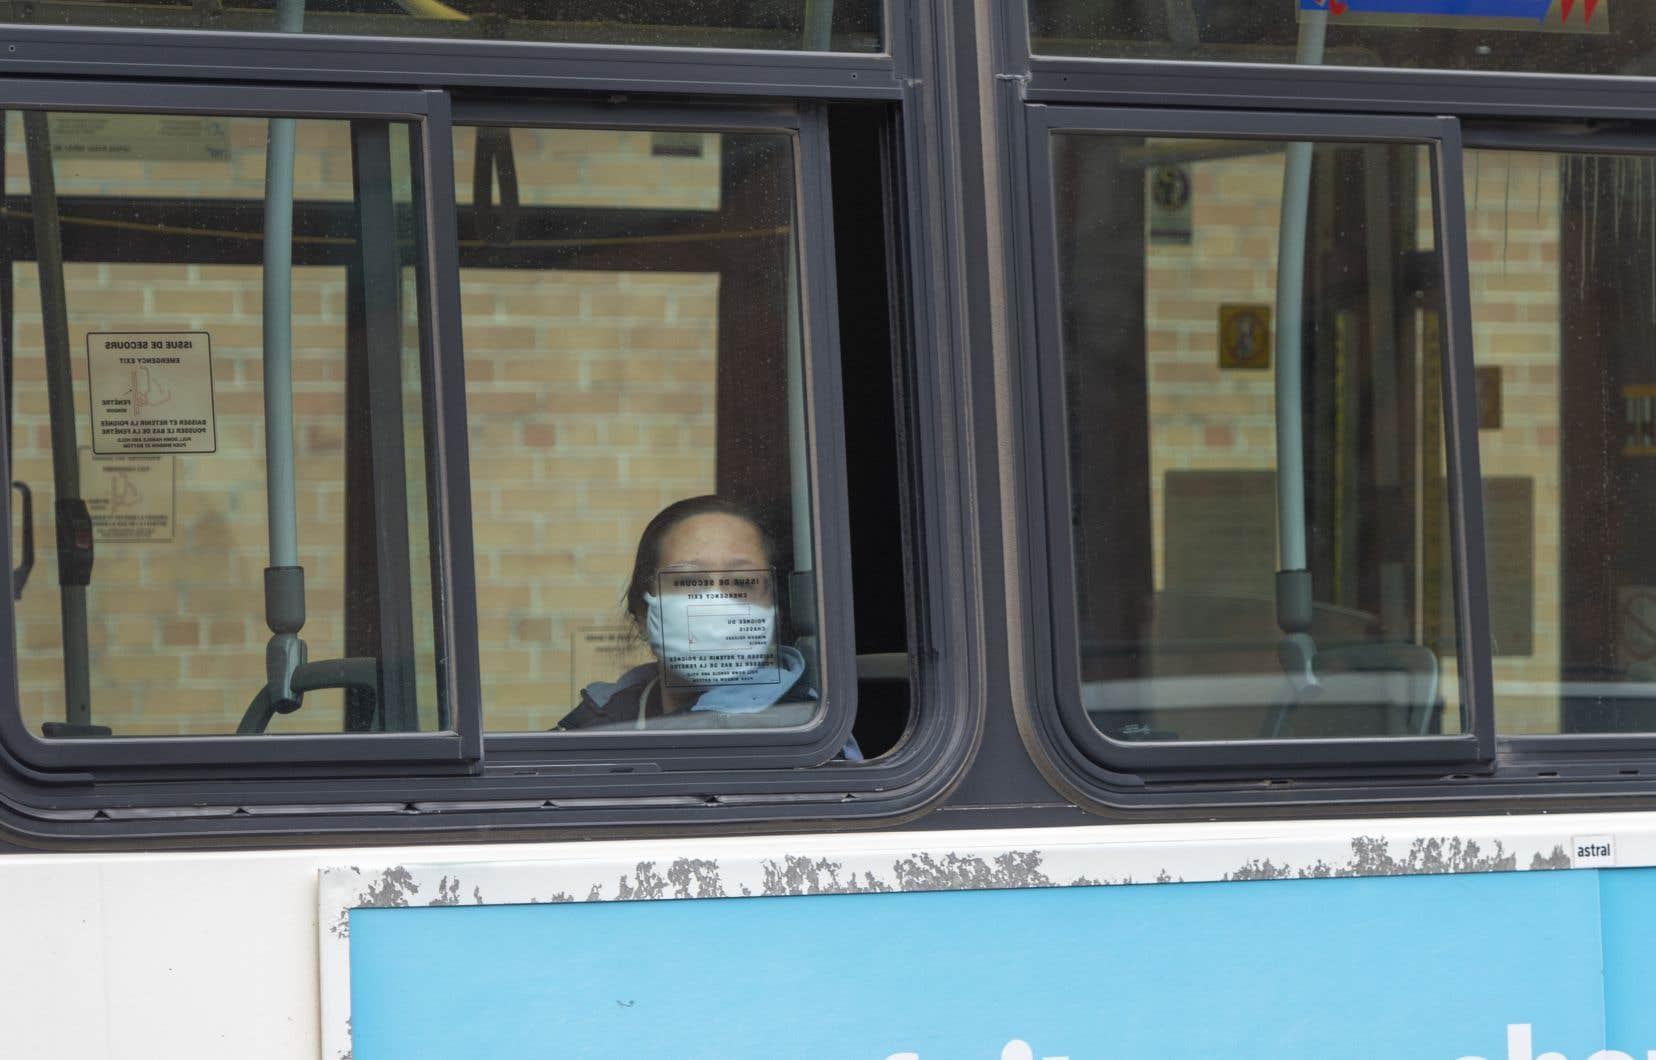 Confrontées à une baisse d'achalandage et à des pertes importantes de revenus, les sociétés de transport en commun des grandes villes du Québec ont dû supprimer certains contrats et mettre à pied des employés dans les derniers mois. L'offre de service a également été réduite, et ce, jusqu'à nouvel ordre.